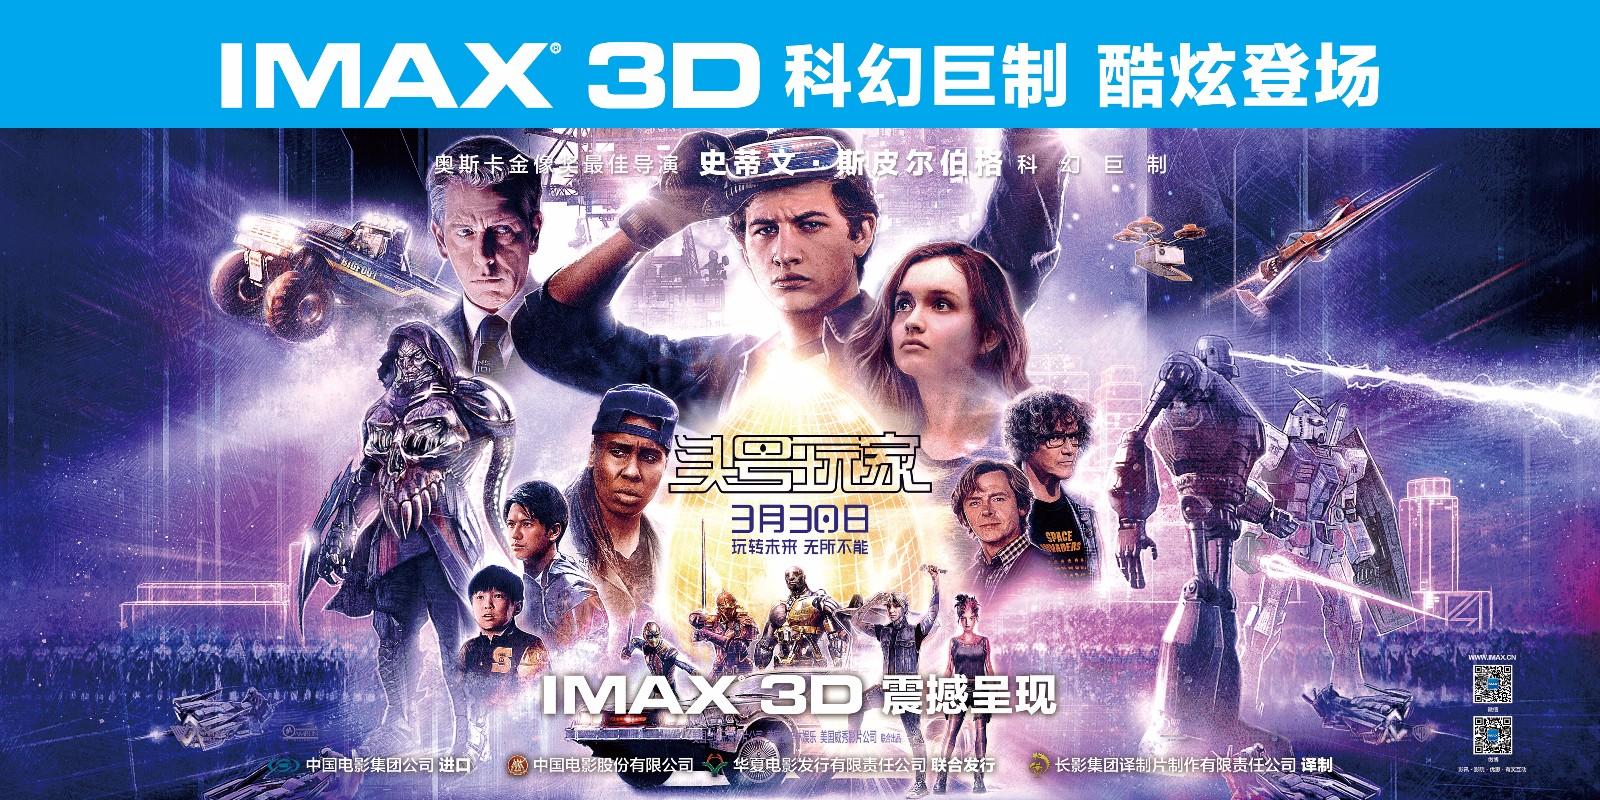 IMAX 发布《头号玩家》幕后特辑,斯皮尔伯格畅谈造梦成真